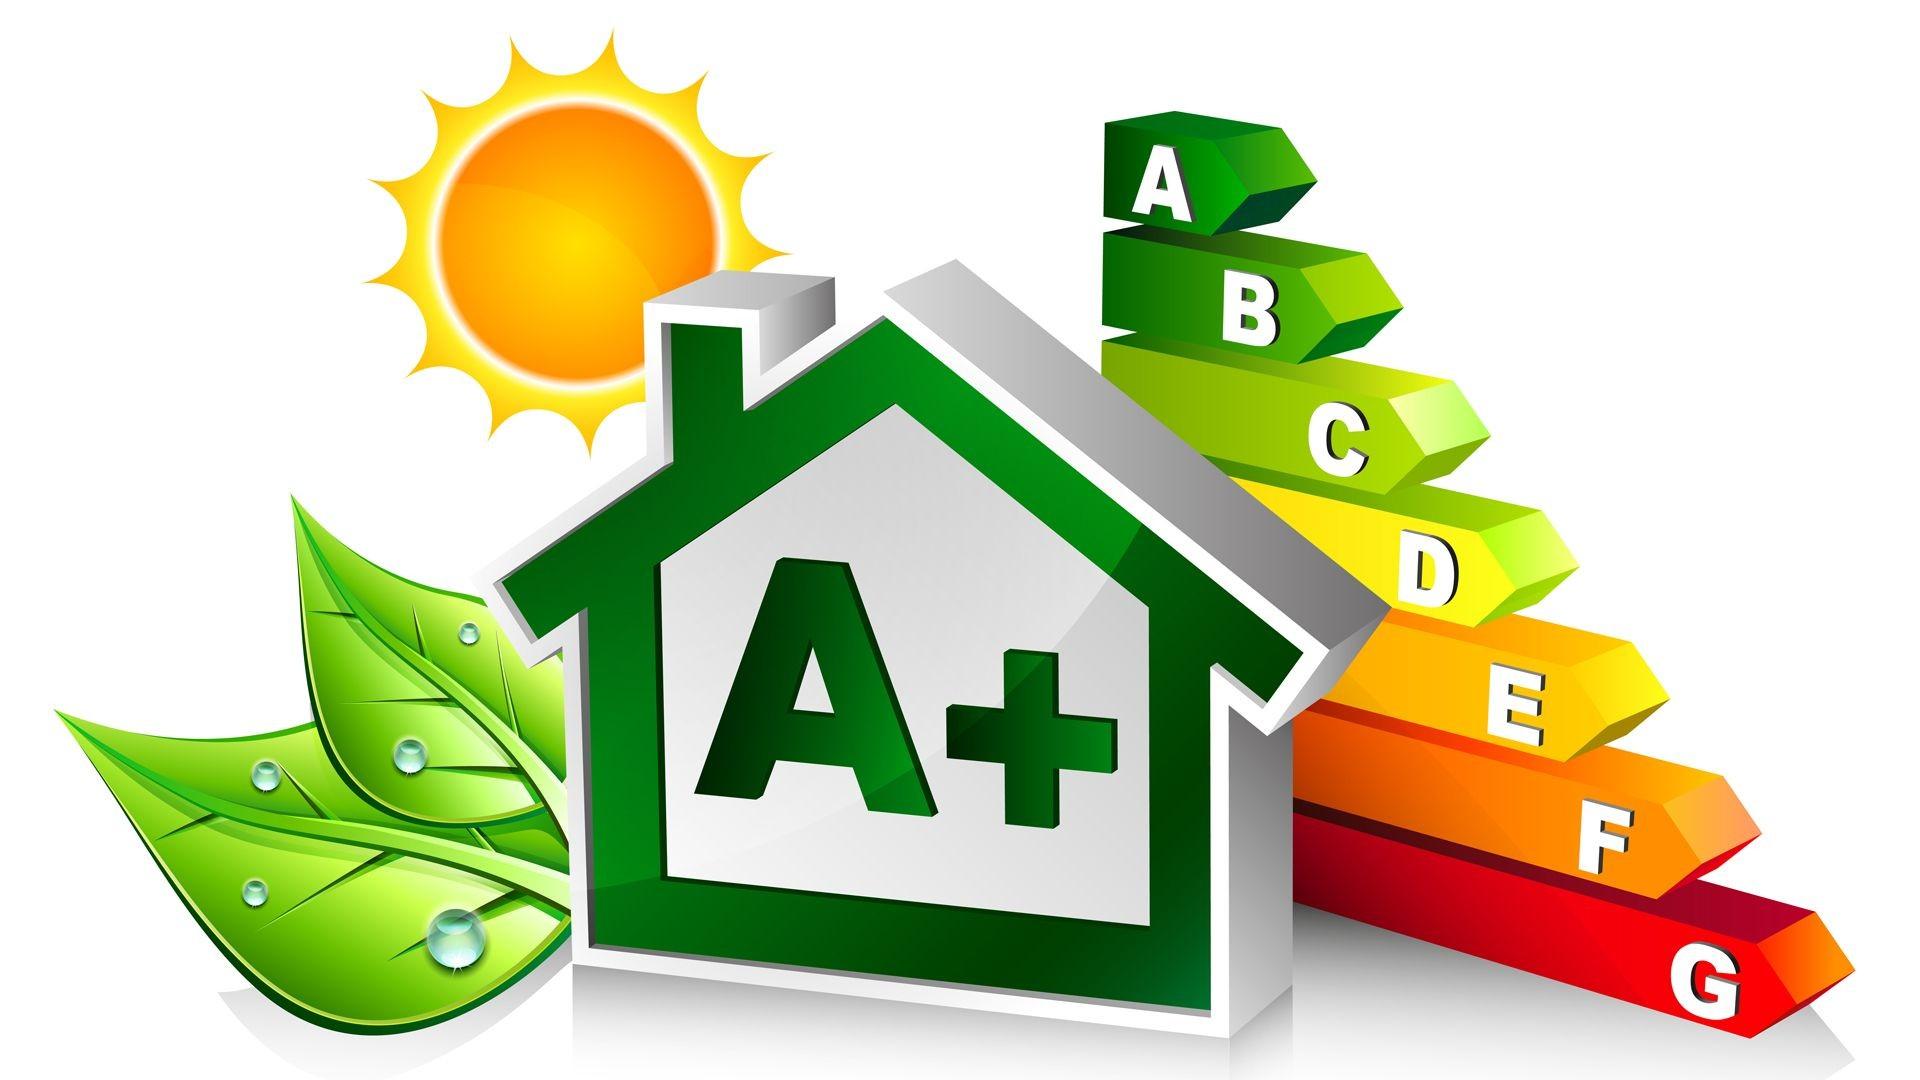 Certificaciones energéticas a buen precio en Zaragoza